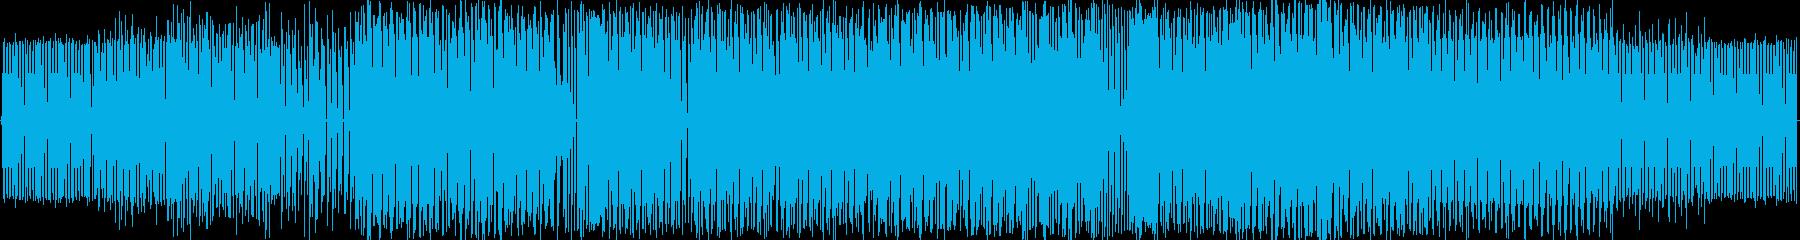 90年代の電子的かつ緊急。の再生済みの波形